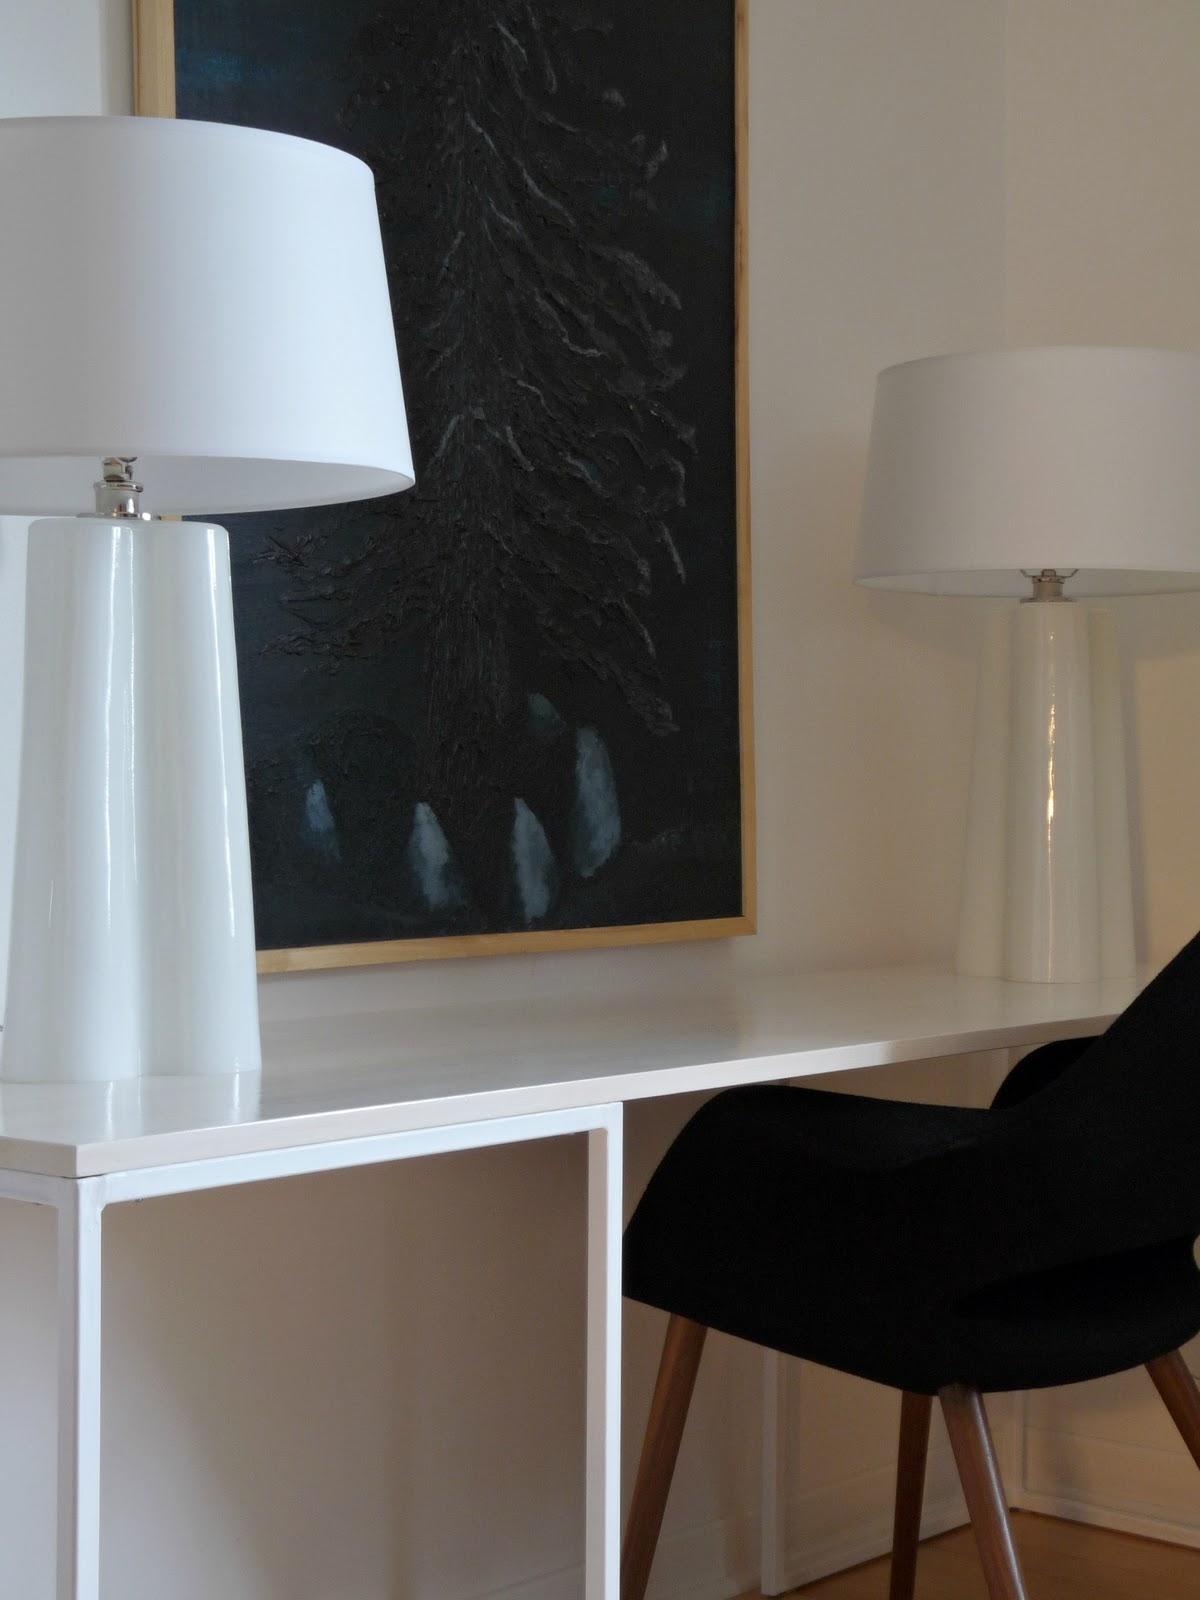 pleasant build office desk set pleasant build your own office desk build your own office desk build your own office